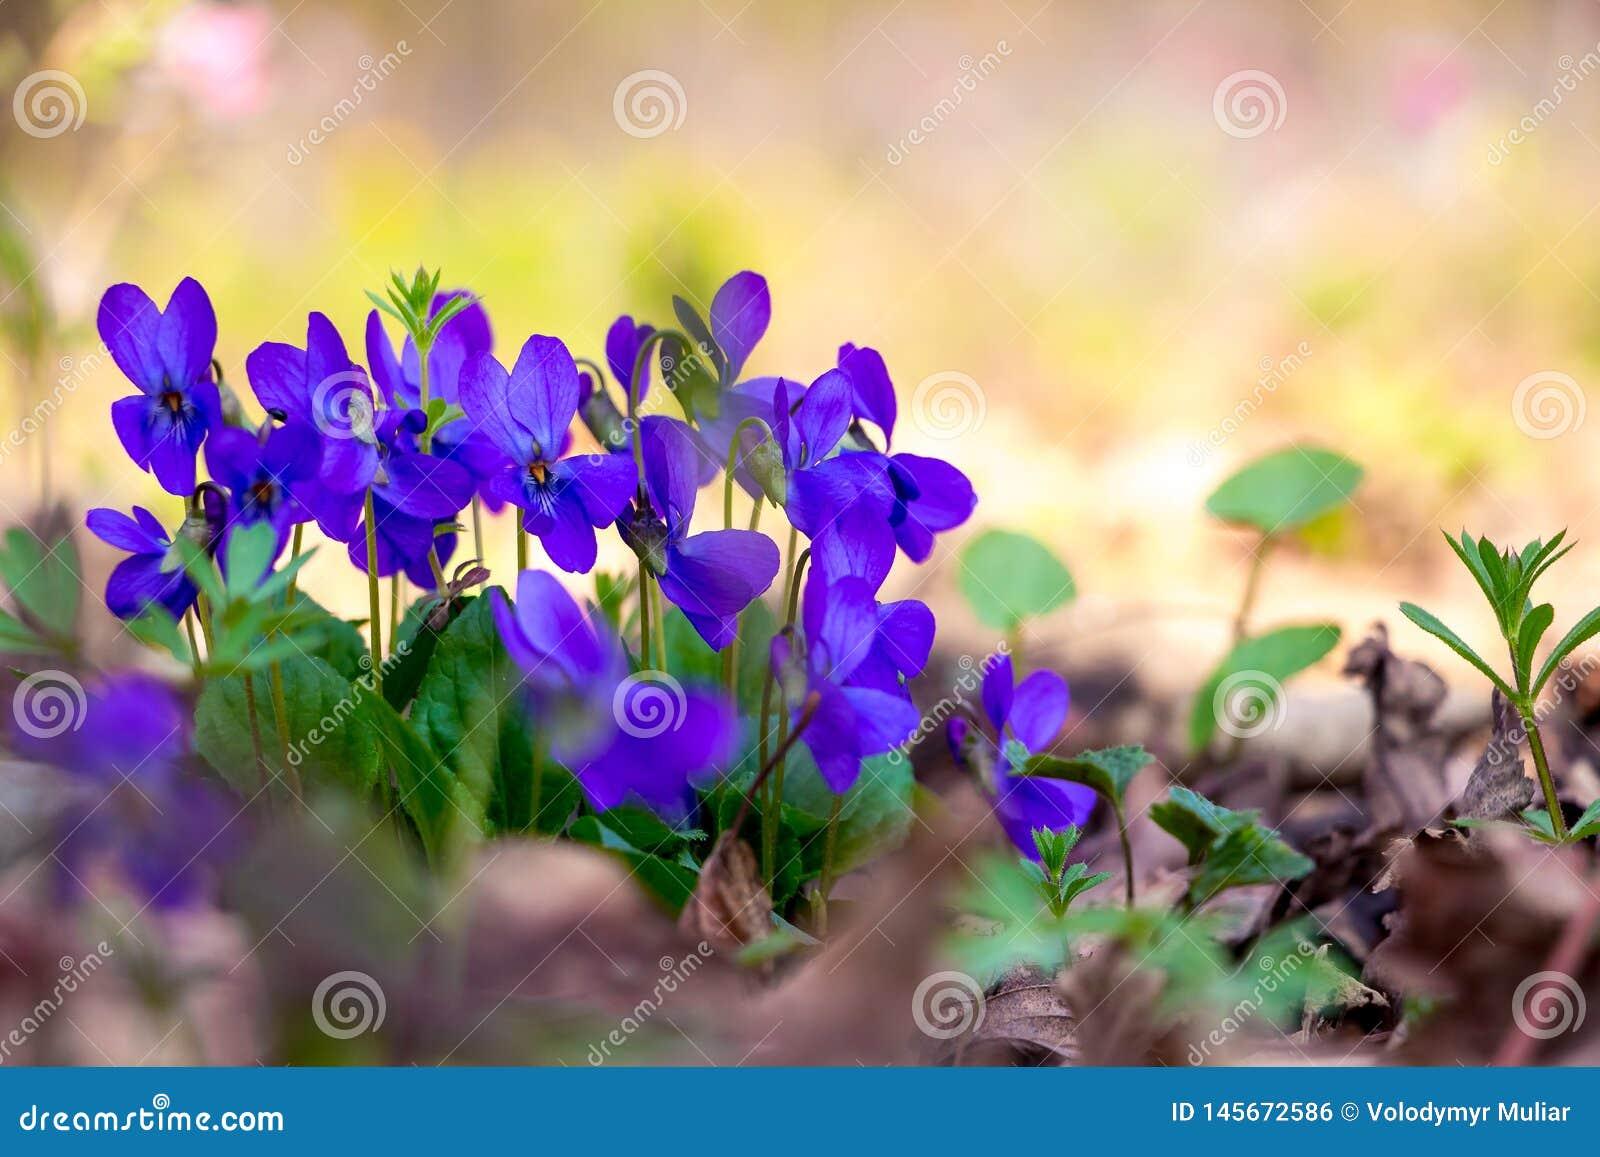 Purpere viooltjes op een lichte onscherpe achtergrond in woods_